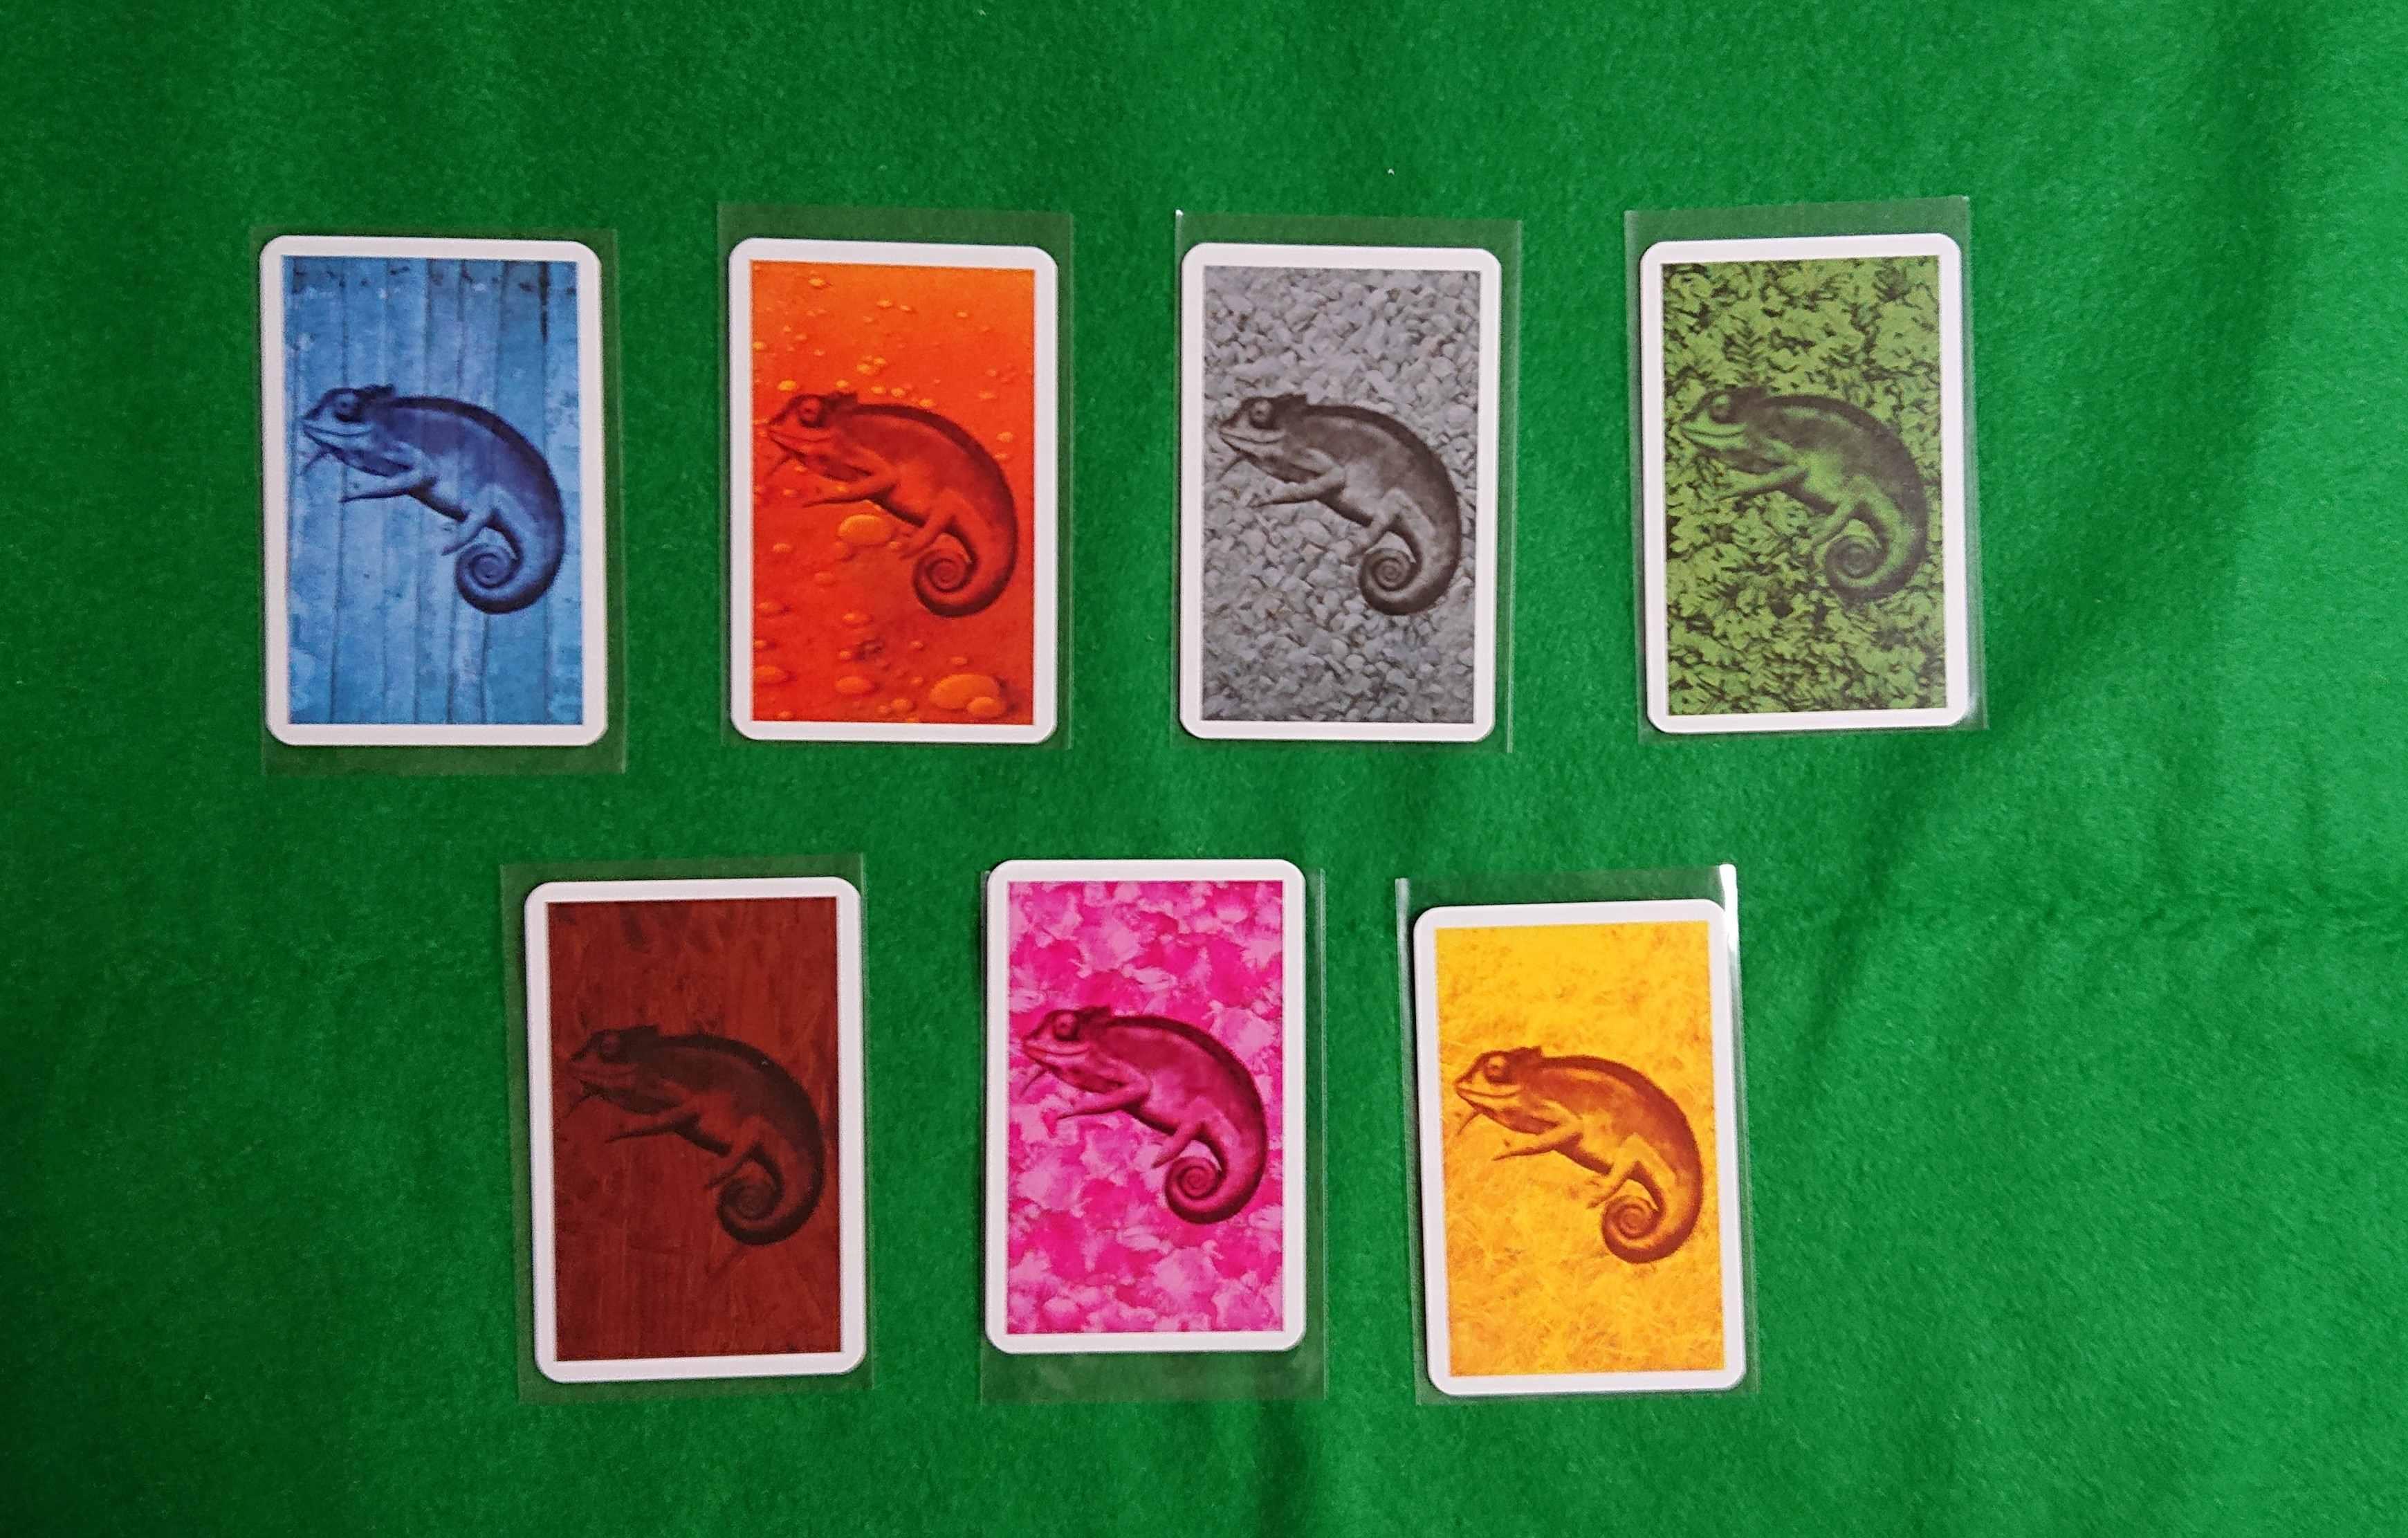 コロレット ボードゲーム 名作・有名カードゲーム 同じ色のカメレオンを集めよう ルール説明 ボードゲーム